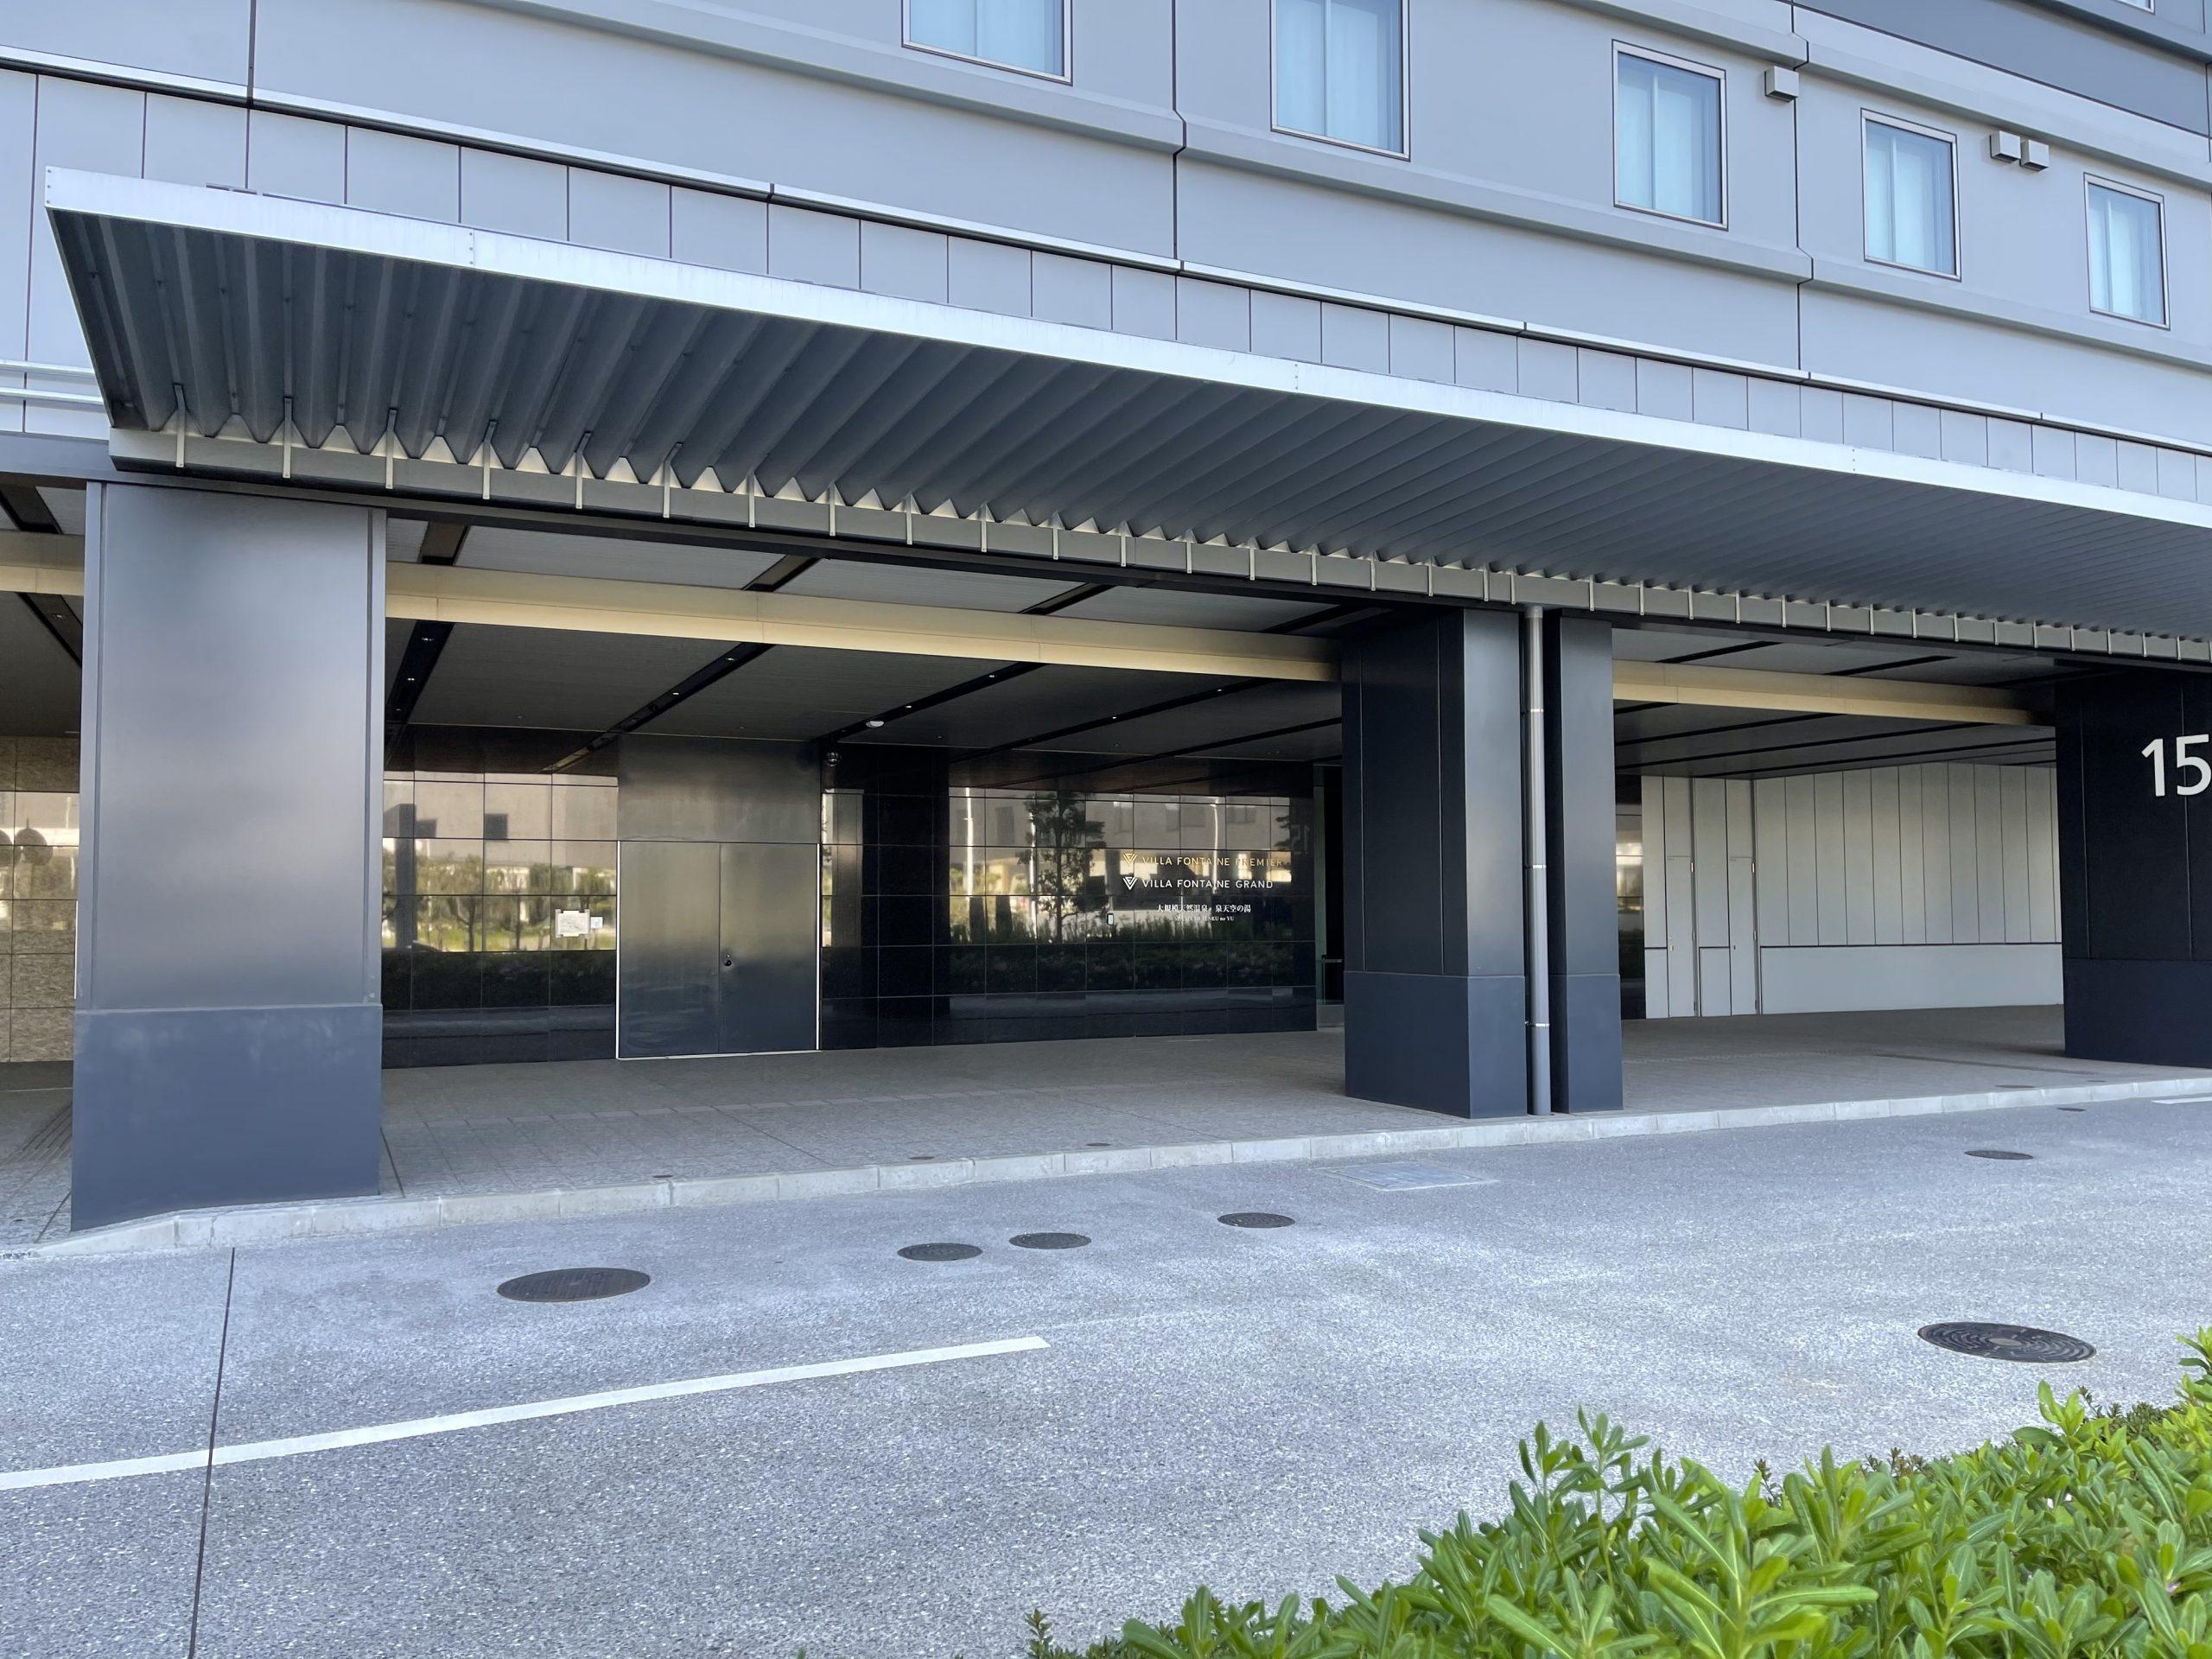 ヴィラフォンティーヌと泉天空の湯羽田空港のエントランス(車道側)